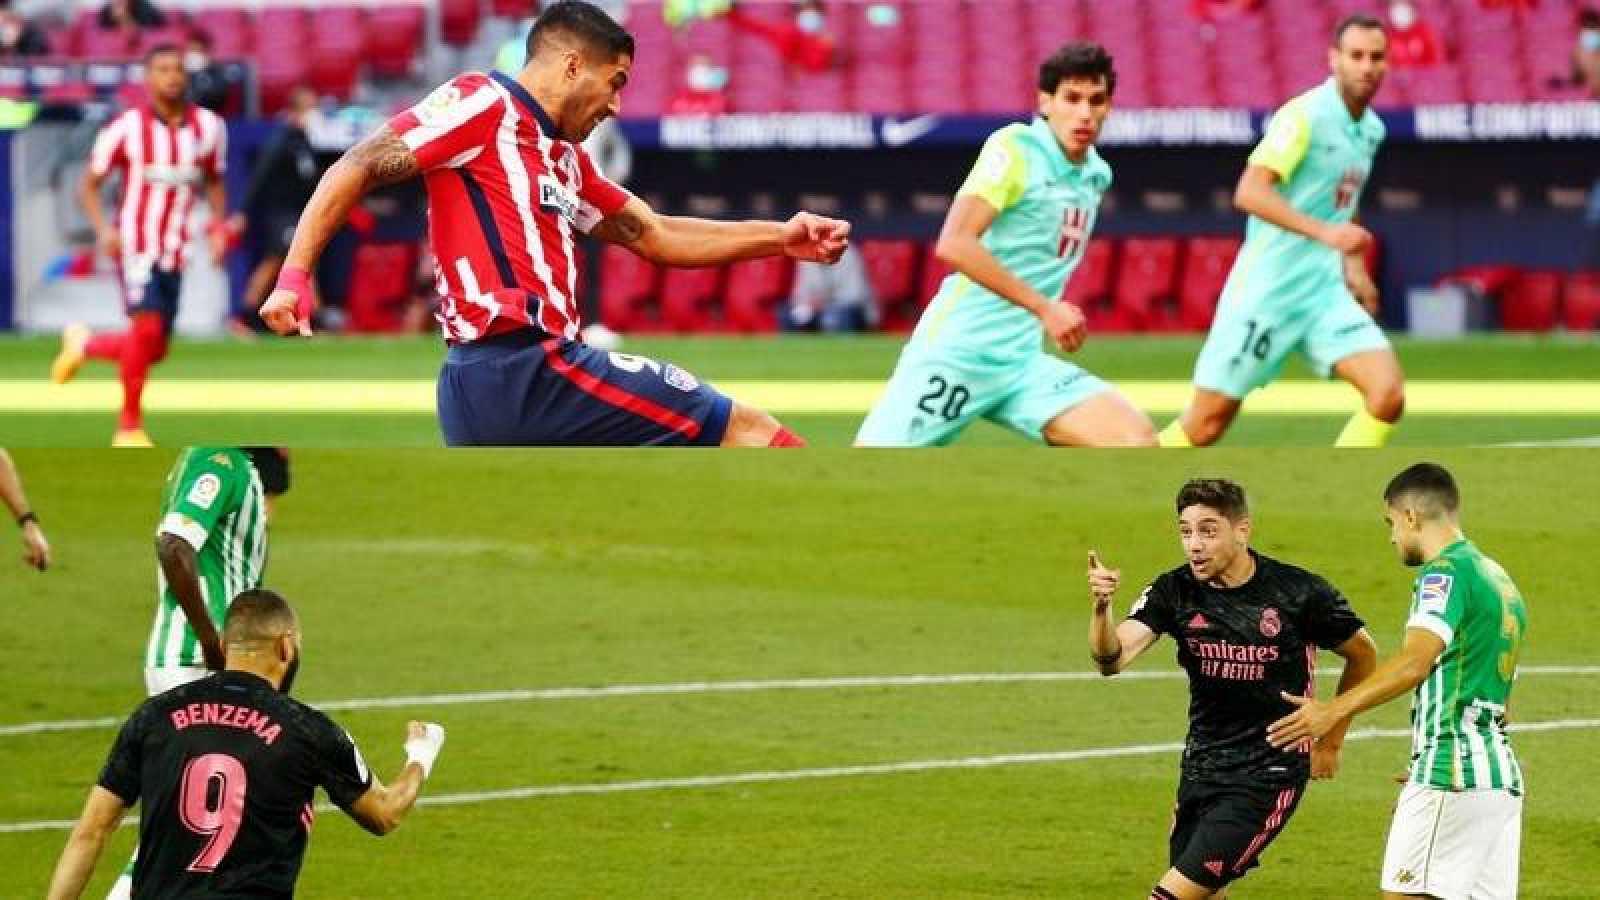 El jugador atlético Luis Suárez y los madridistas Benzema y Valverde durante la jornada 3 de la Liga 2020-2021.